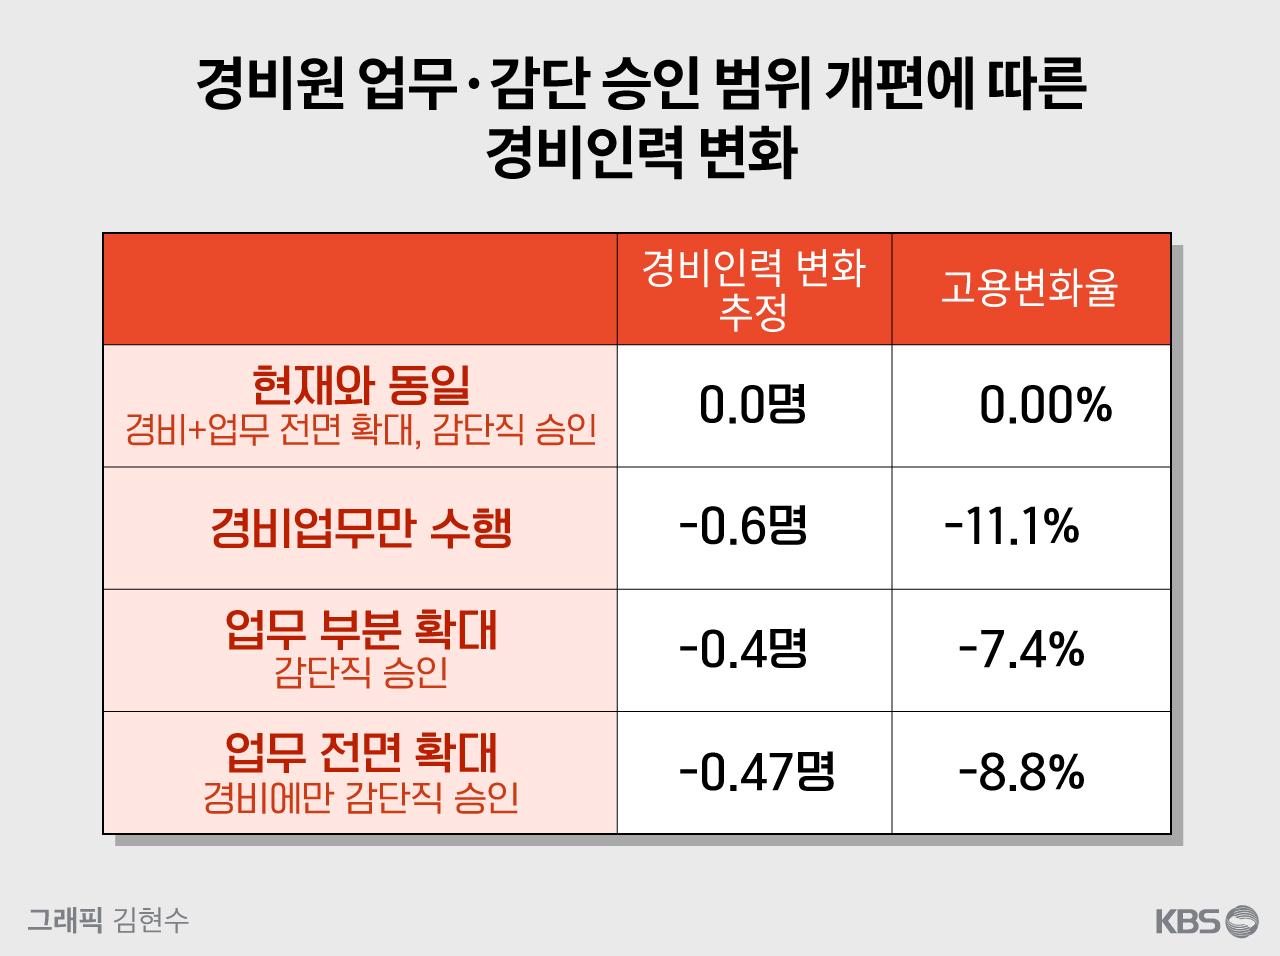 출처: 한국노동연구원, '공동주택 경비근로자 업무범위 명확화의 고용영향분석'